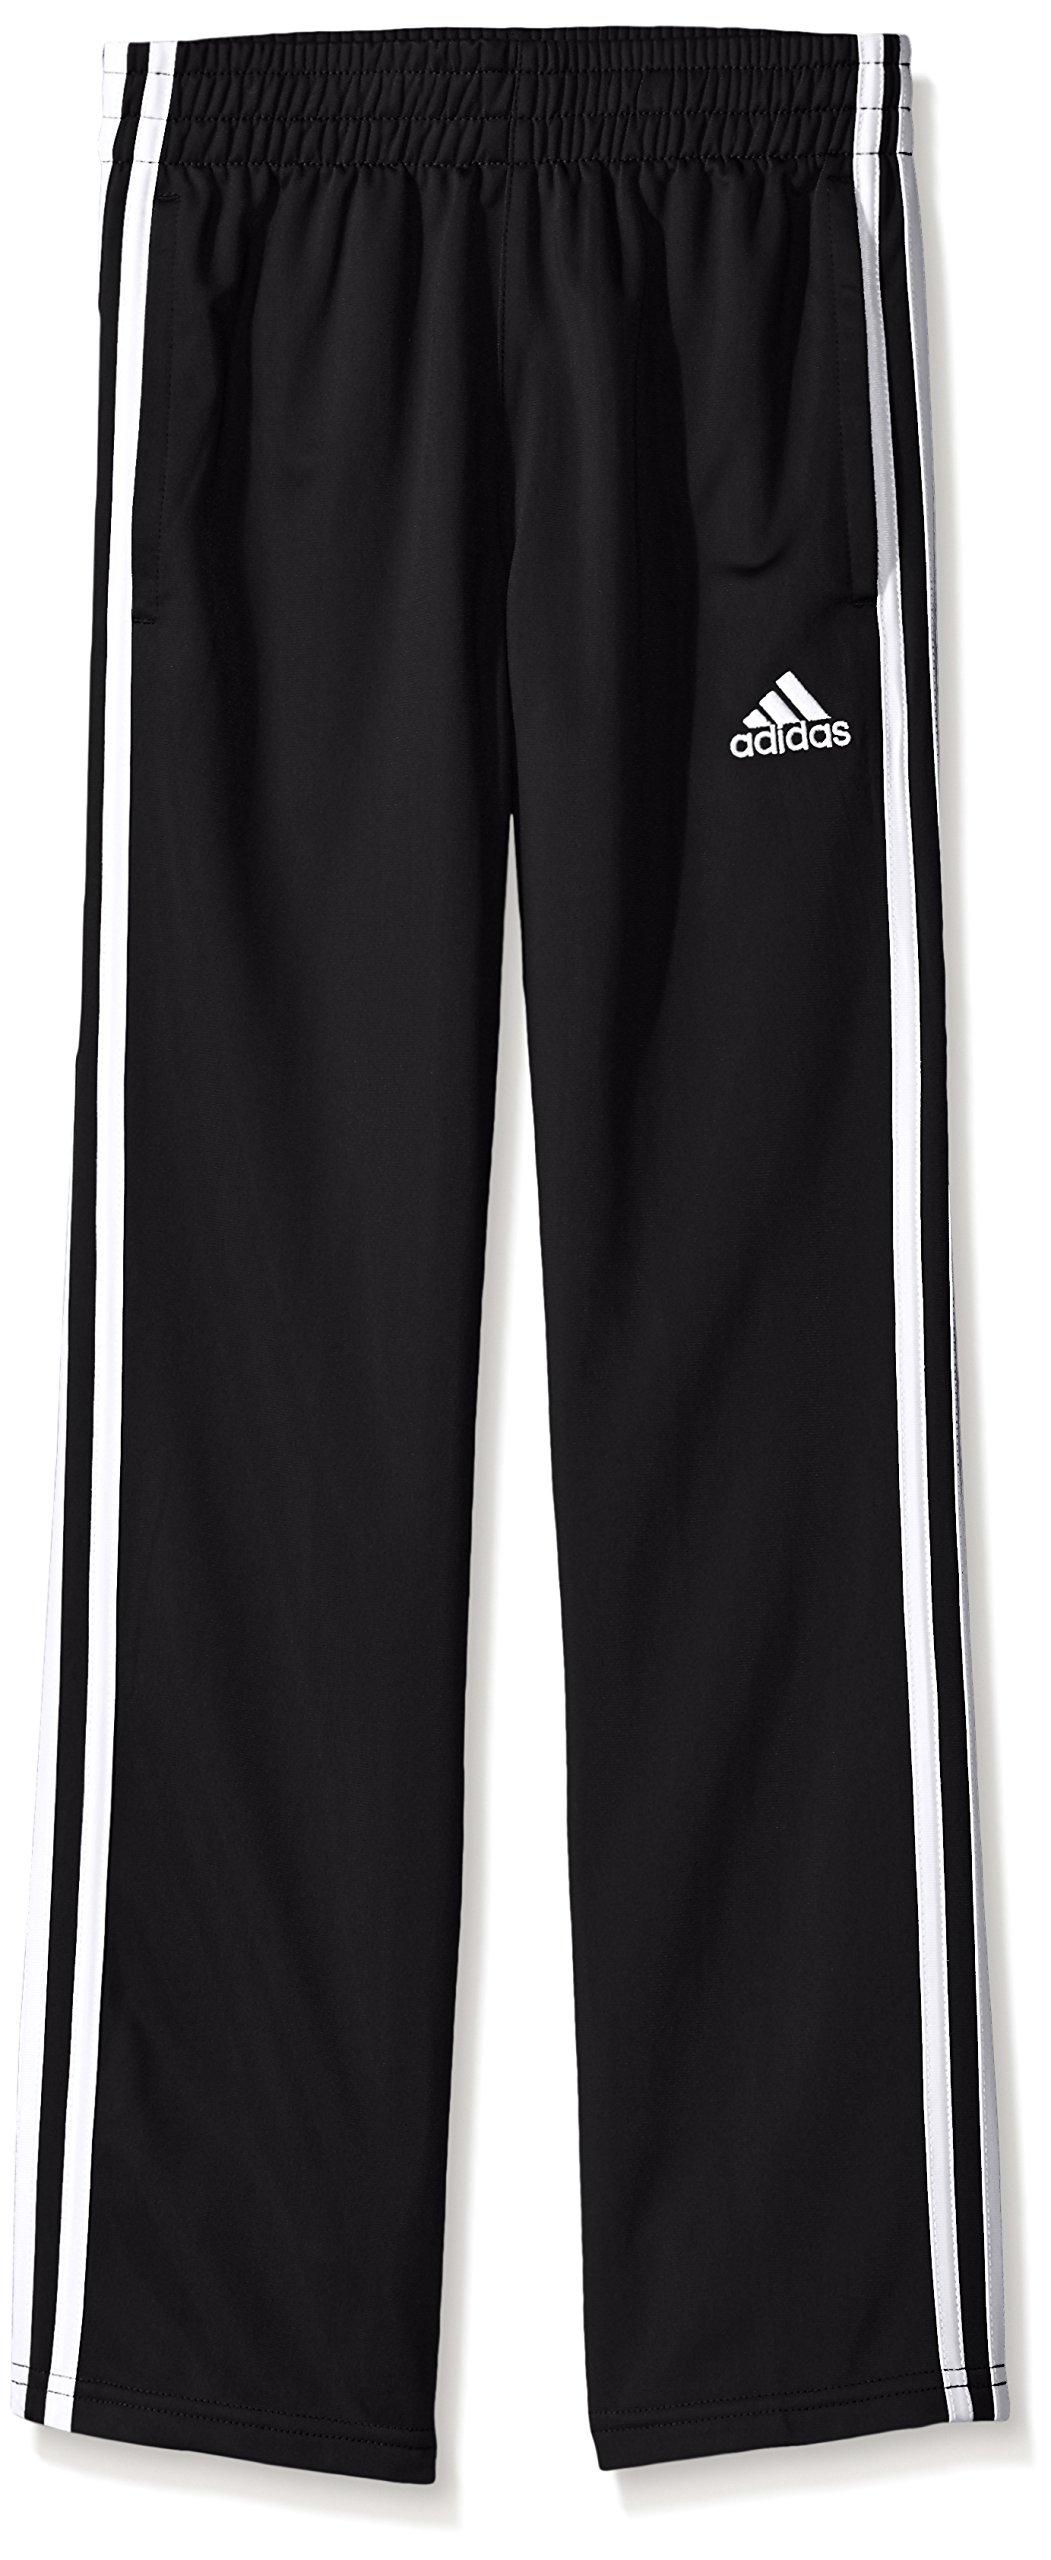 adidas Big Boys' Tricot Pant, Black, M